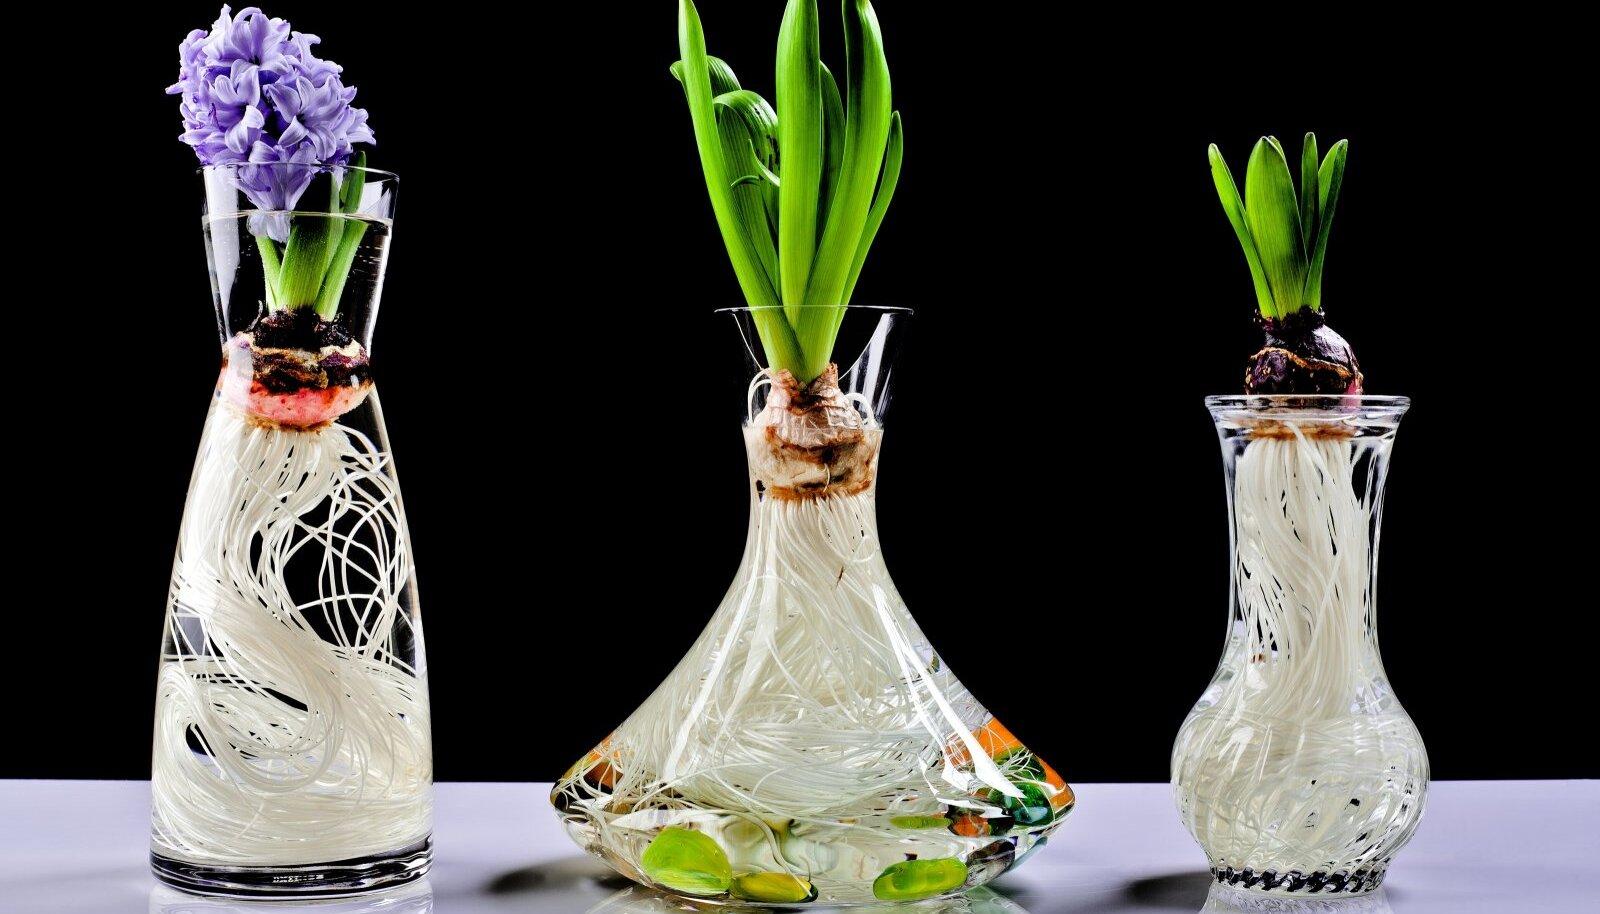 Hüatsint klaasis on lausa omaette vaatamisväärsus ka siis, kui taim veel ei õitse.